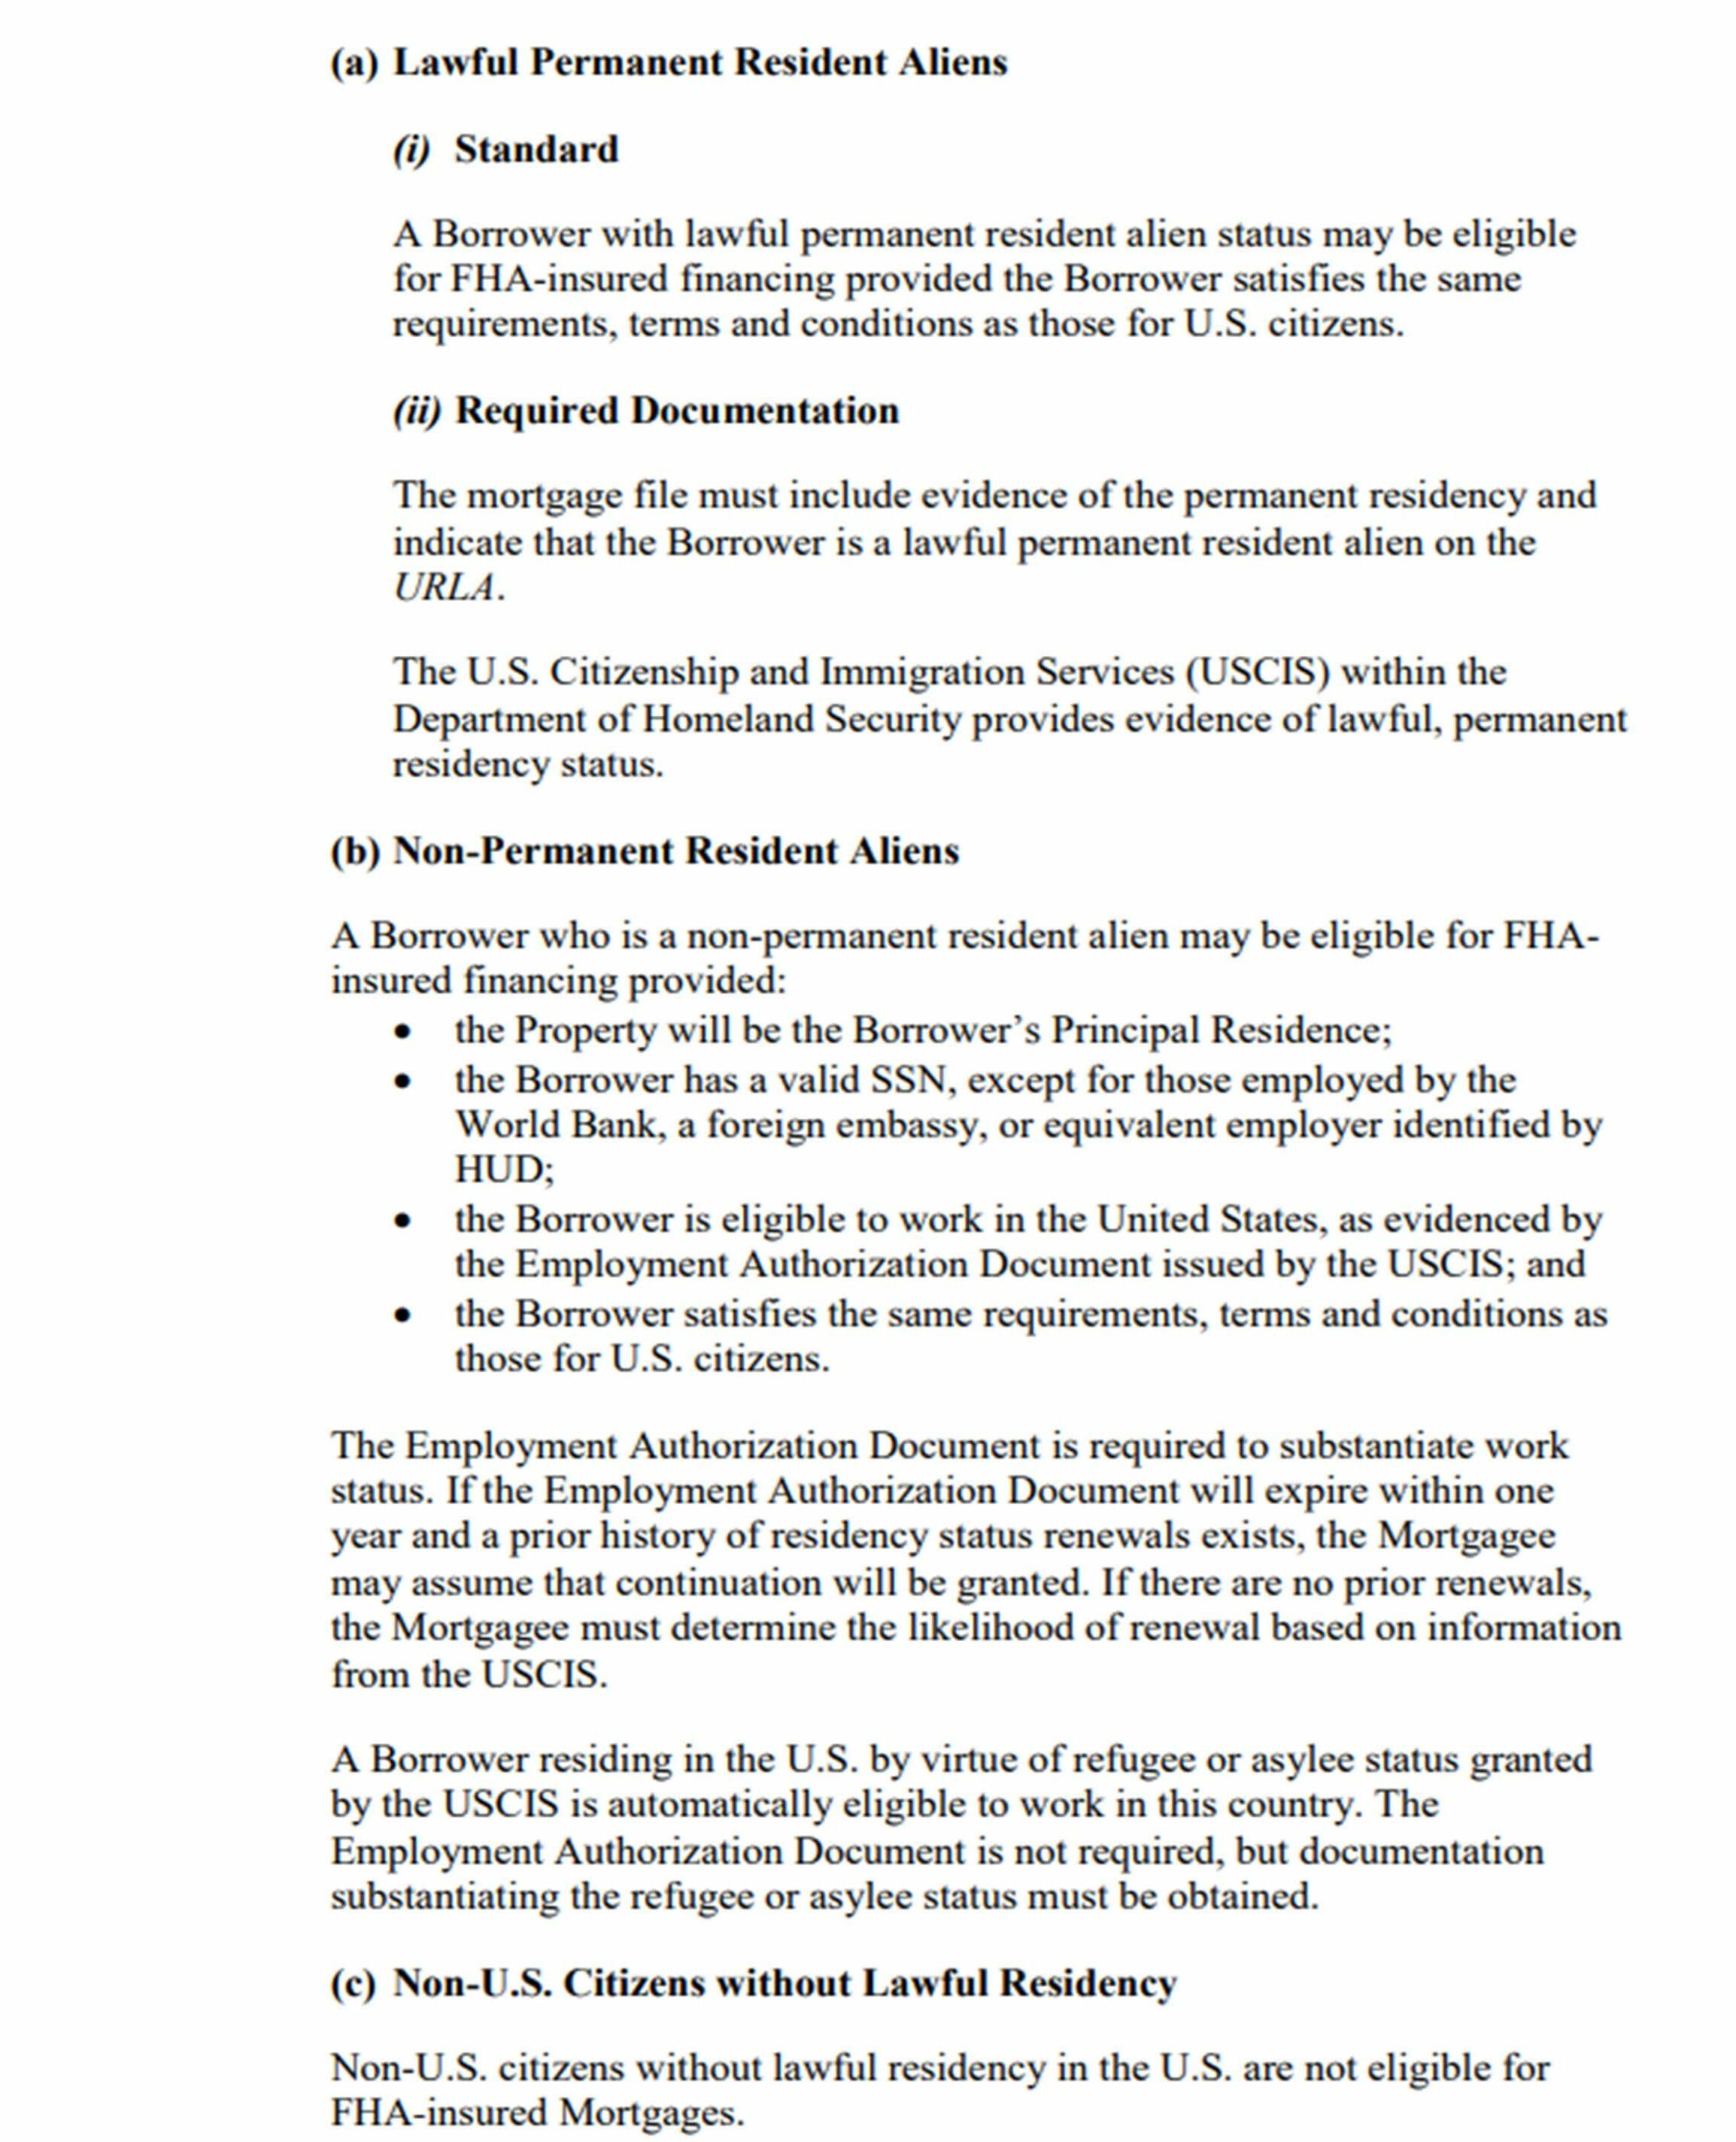 hud manual on resident aliens